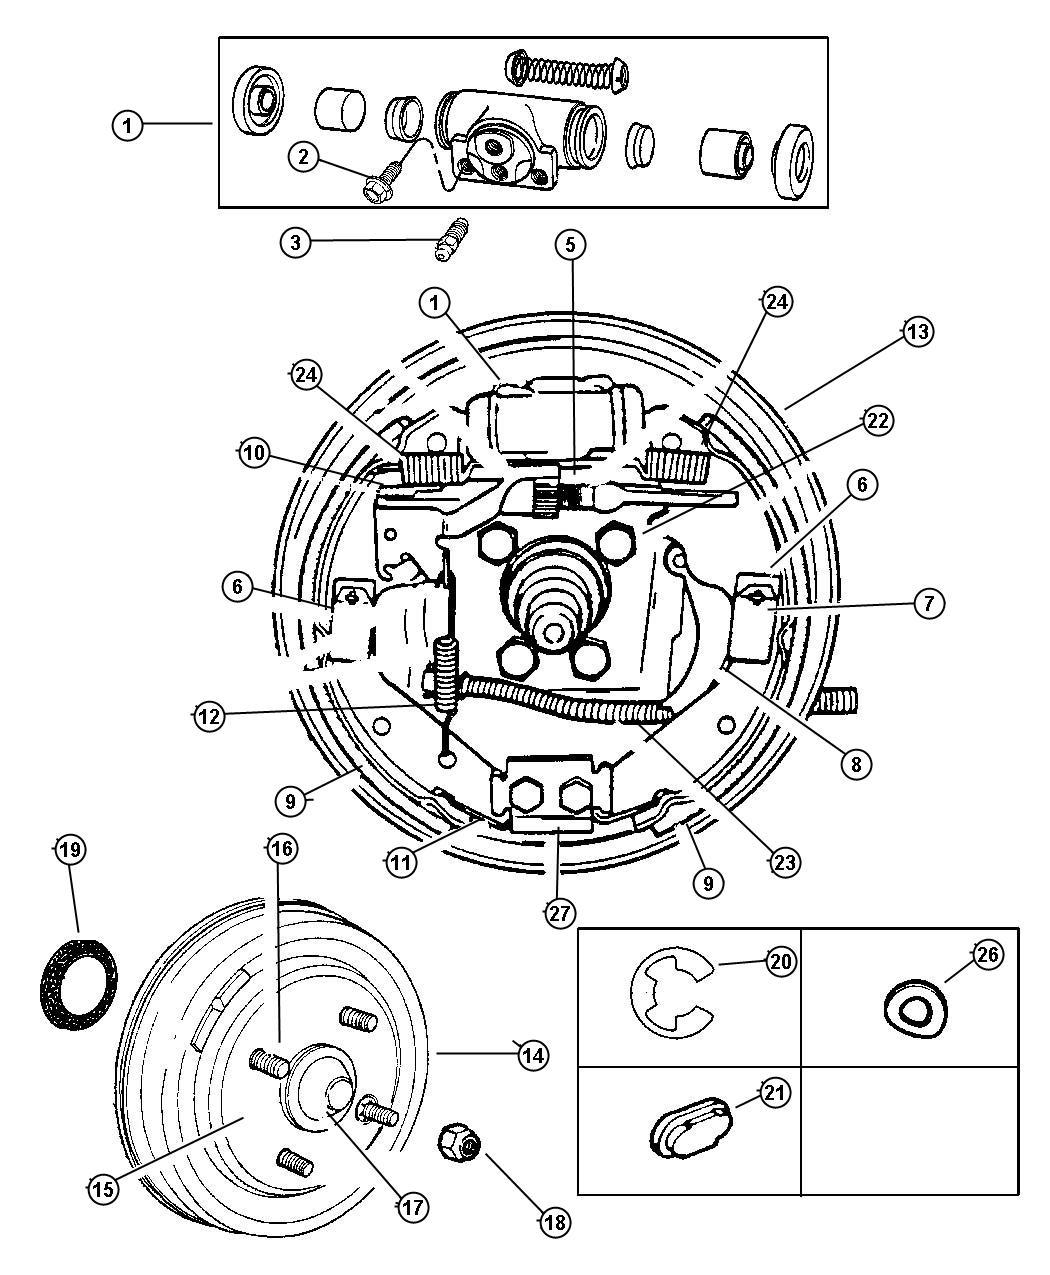 96 Plymouth Neon Wiring Diagram Schematics Fuel Pump 1996 97